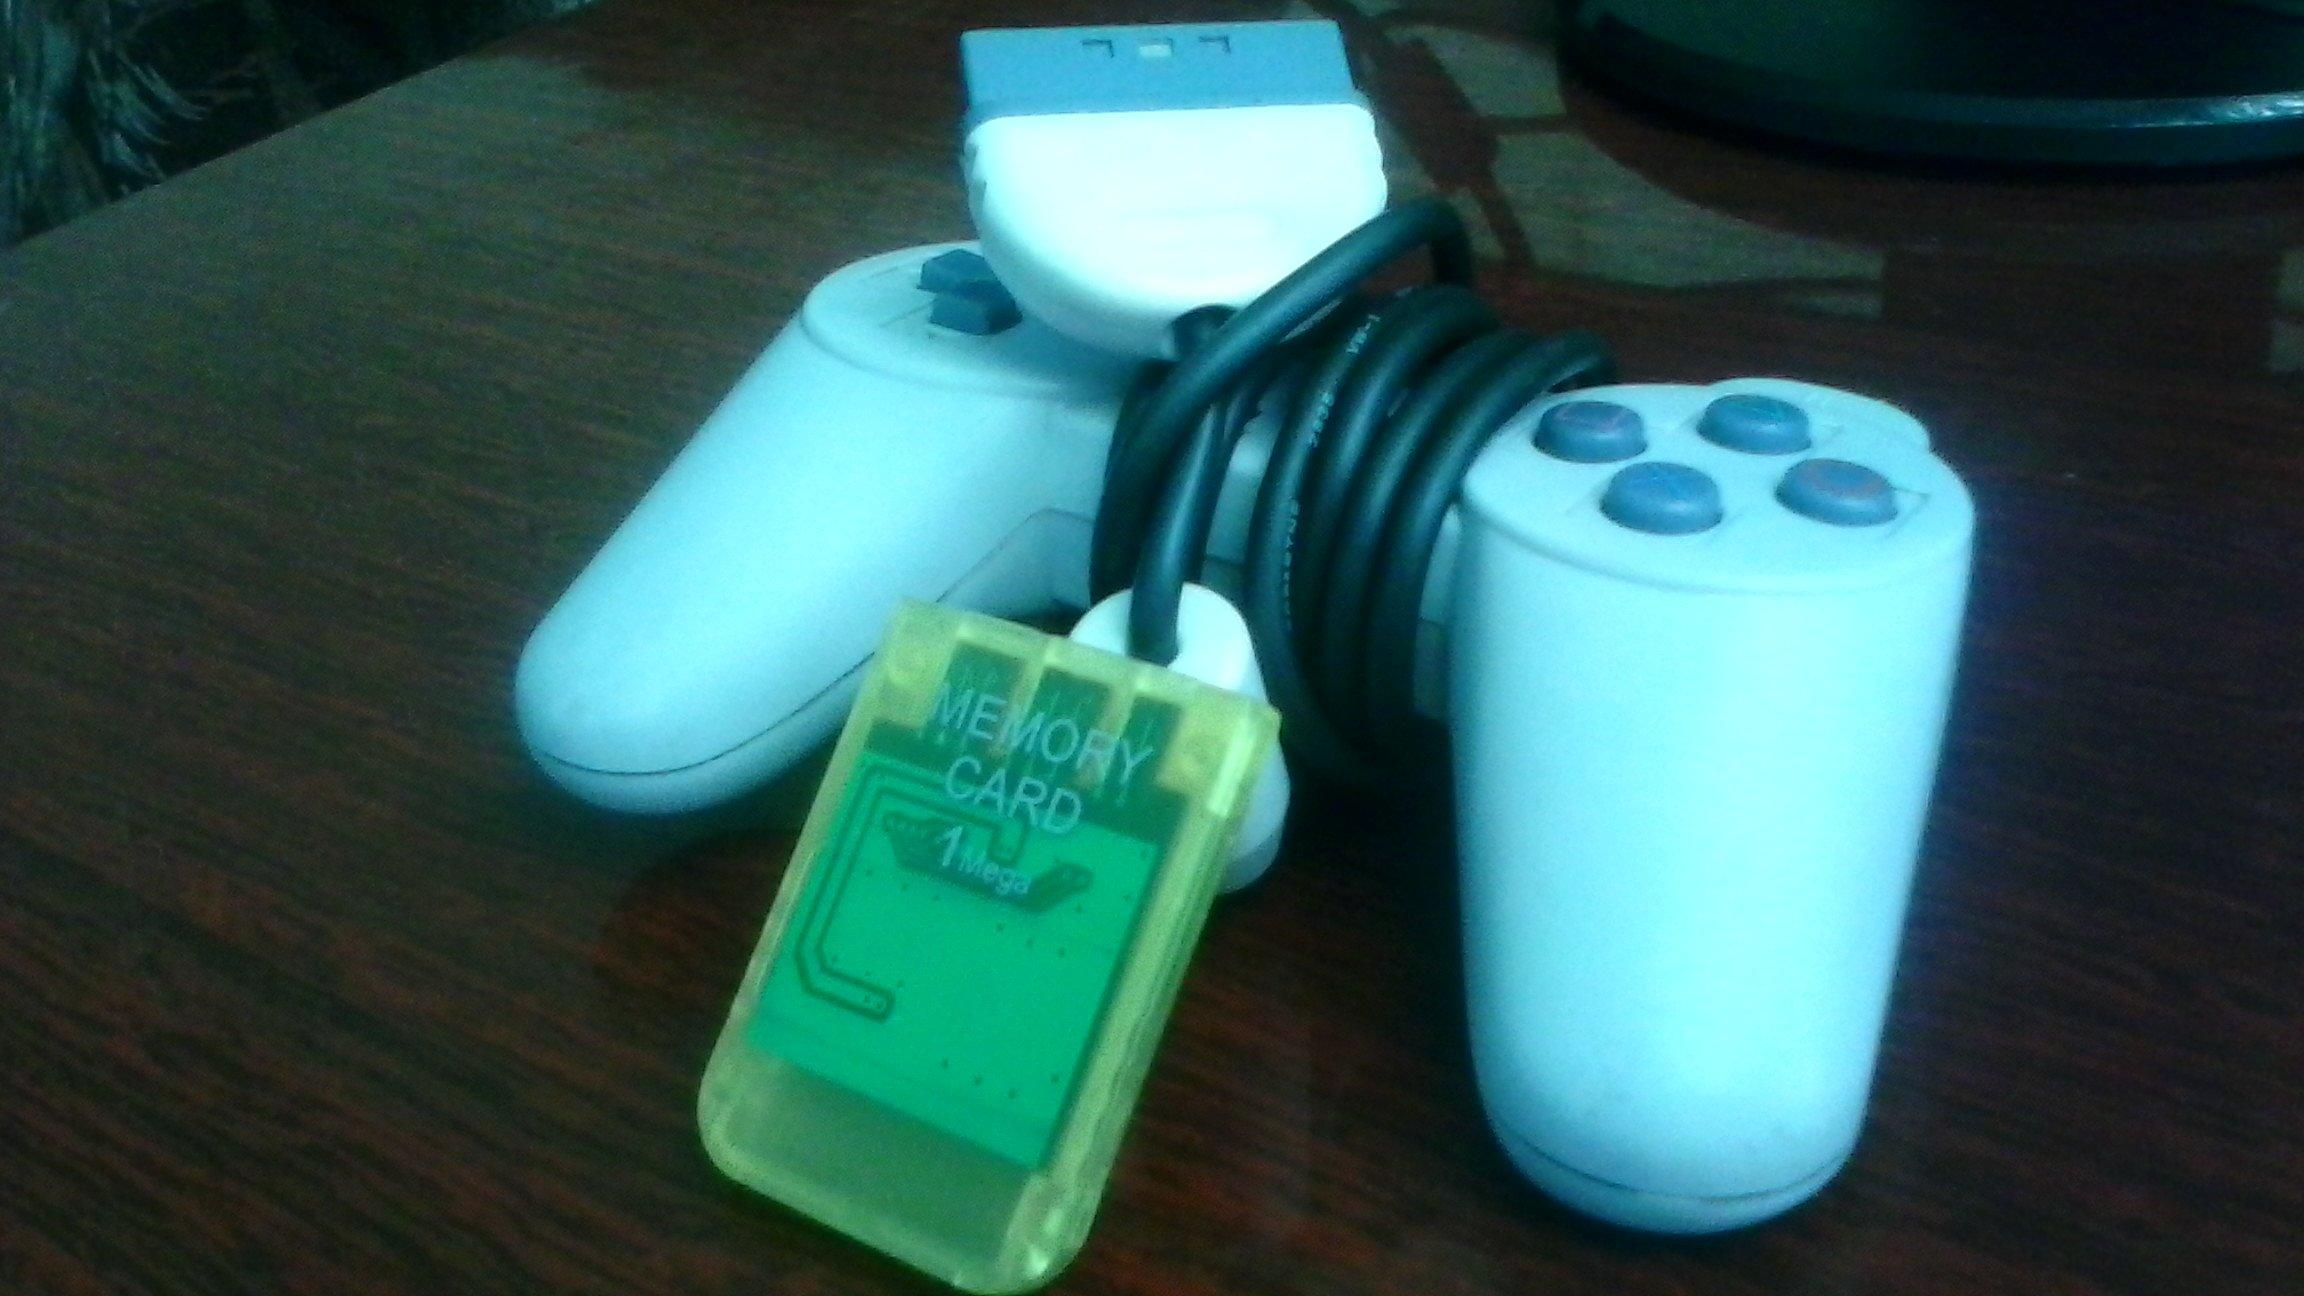 Playstation: гид по виртуальным мирам. - Изображение 4